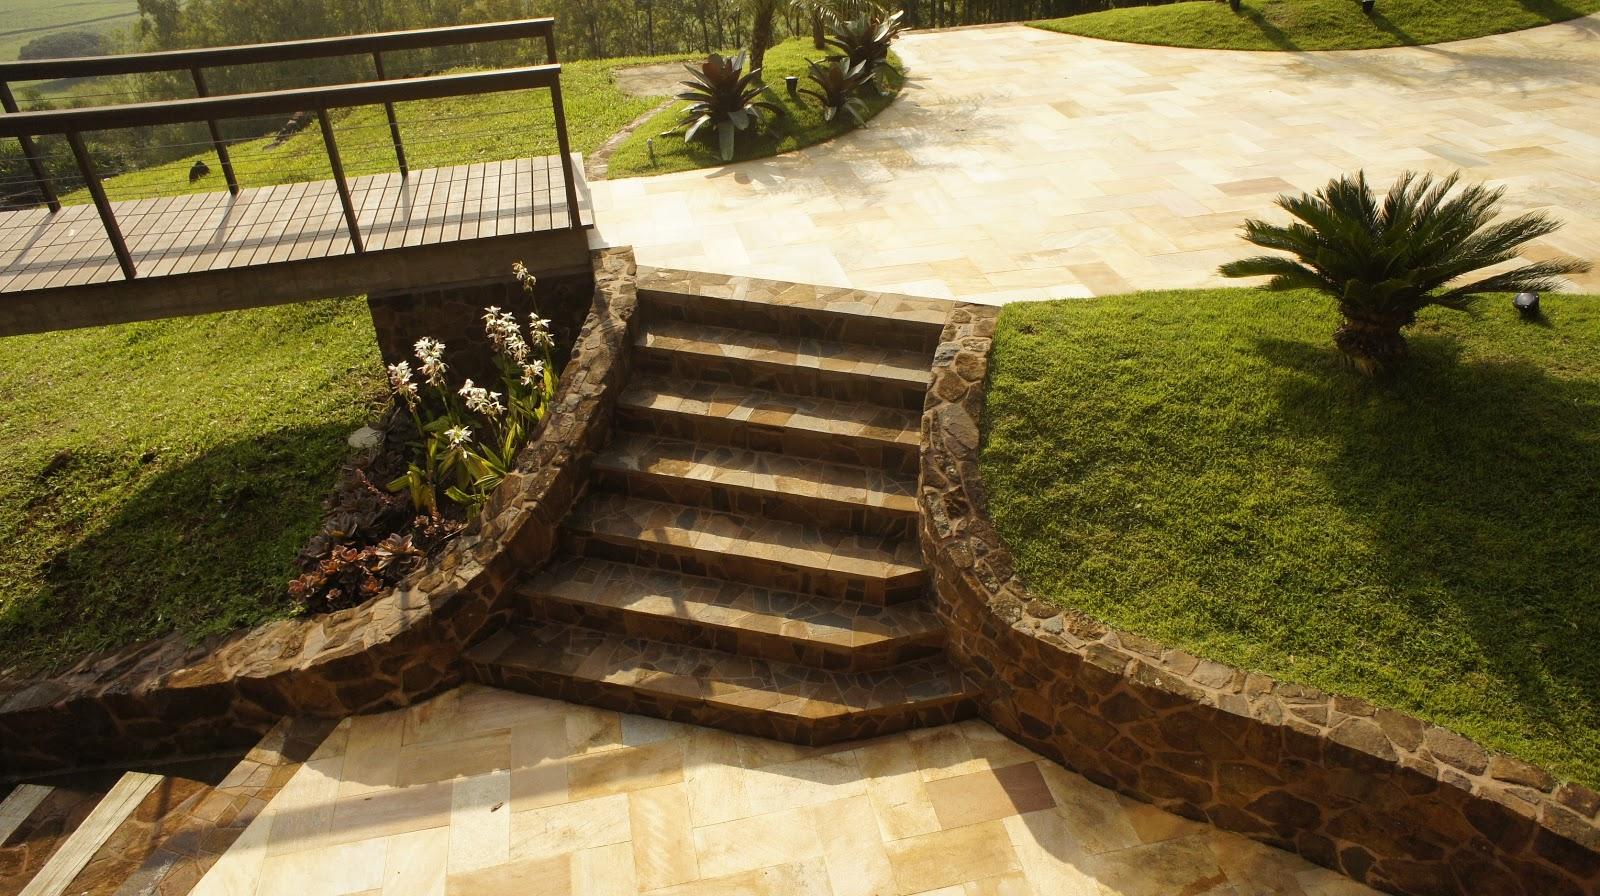 escadas externas jardim : escadas externas jardim:Escadas externas com as pedras do terreno